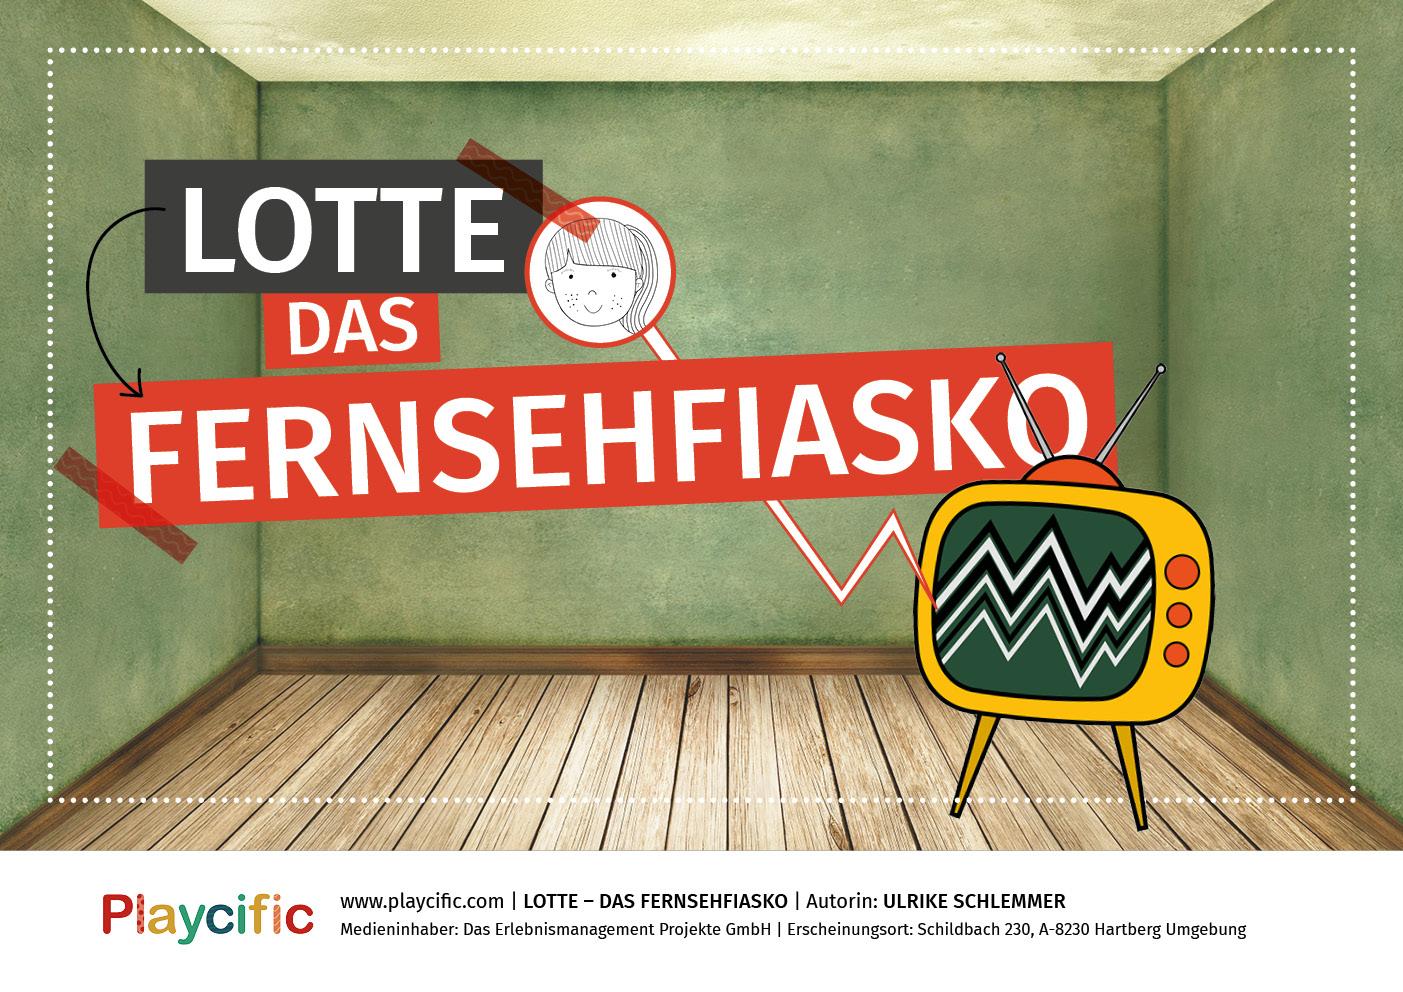 Lotte - Das Fernsehfiasko